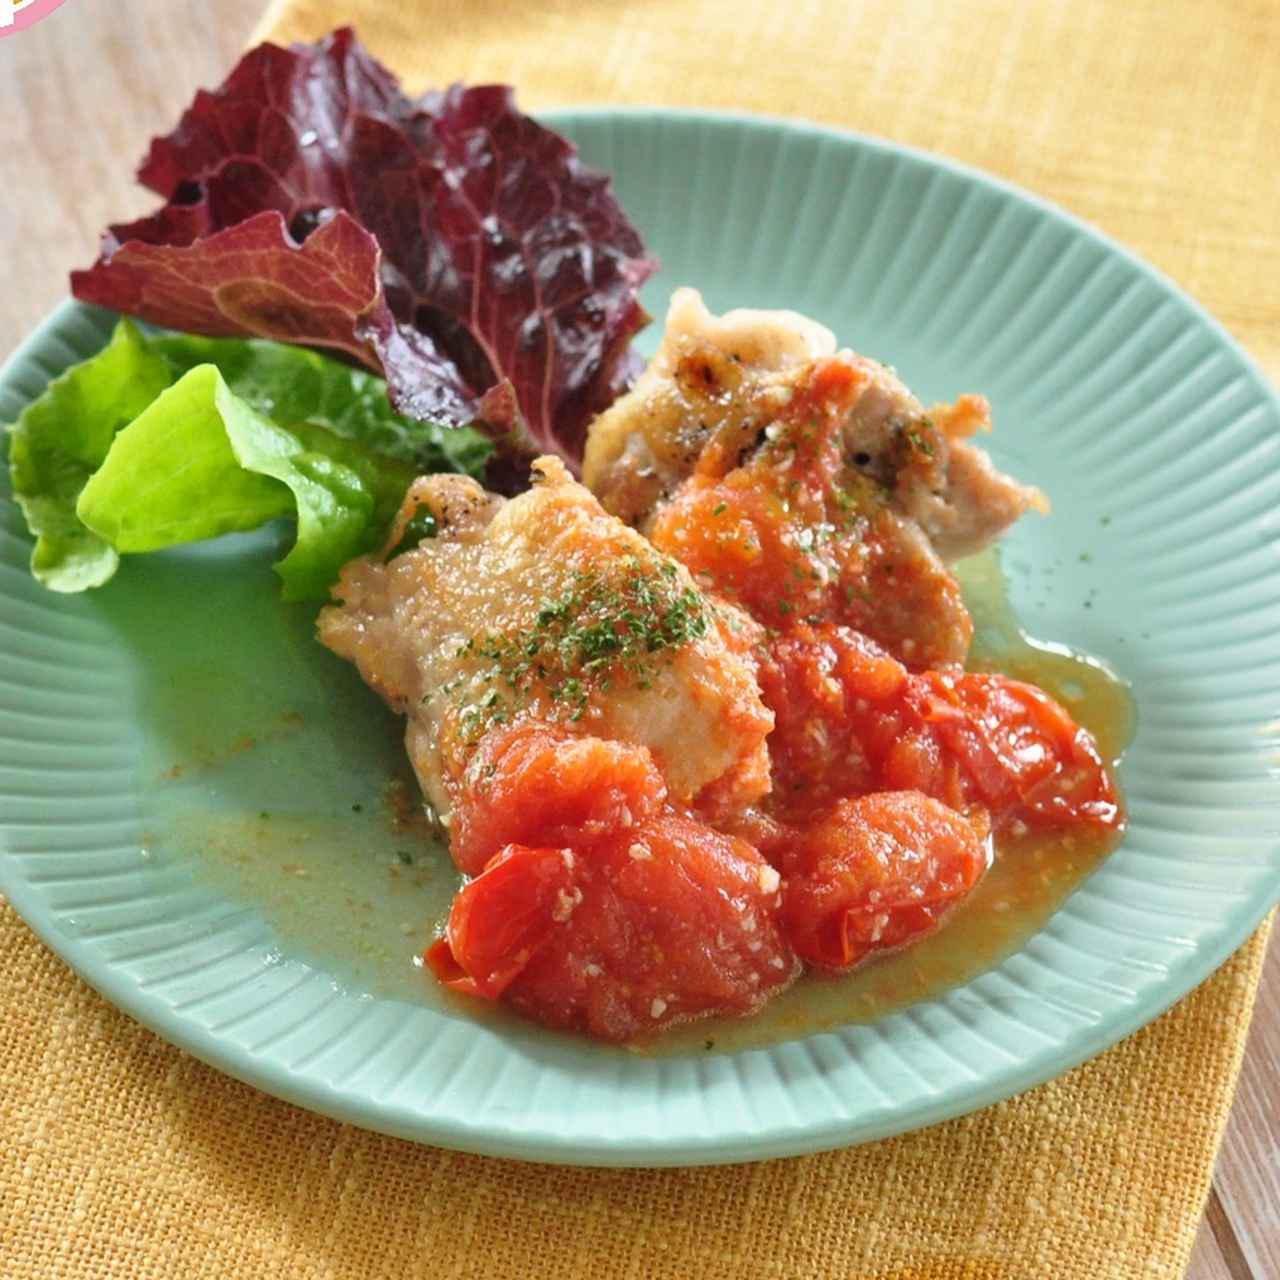 画像: レンジでつくるトマトソースで本格チキンソテー - 君とごはん